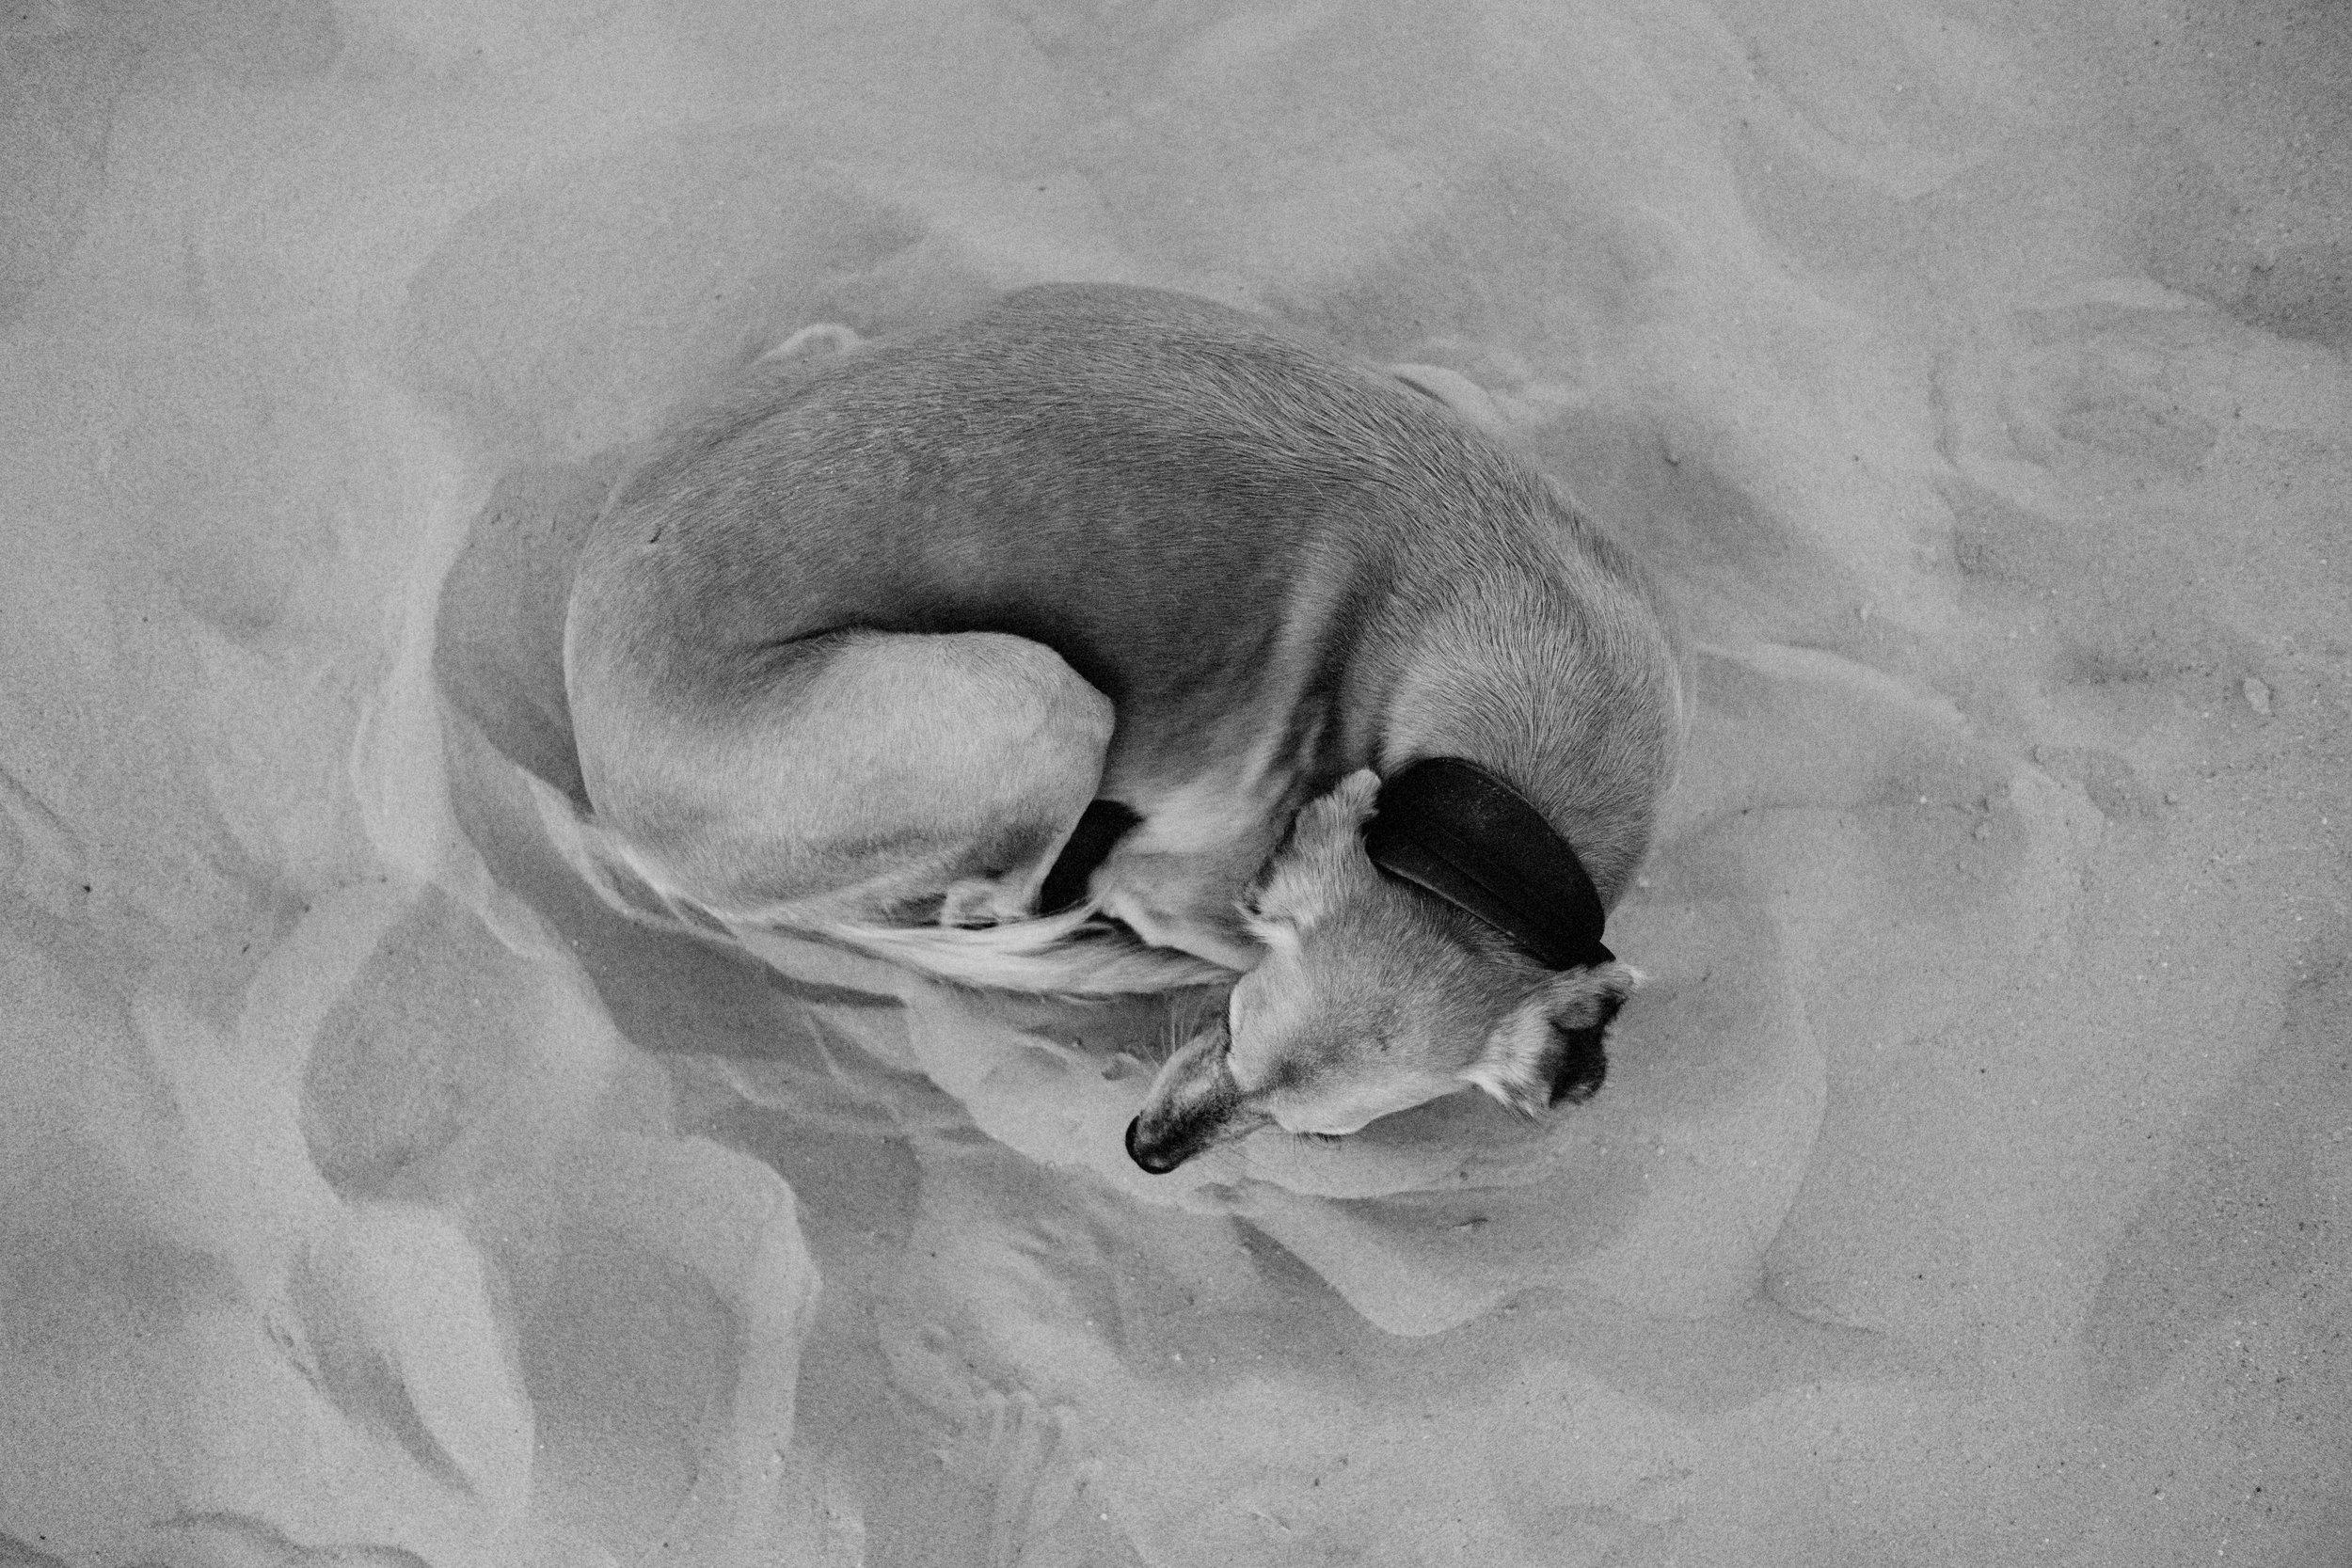 Dog sleeping the desert